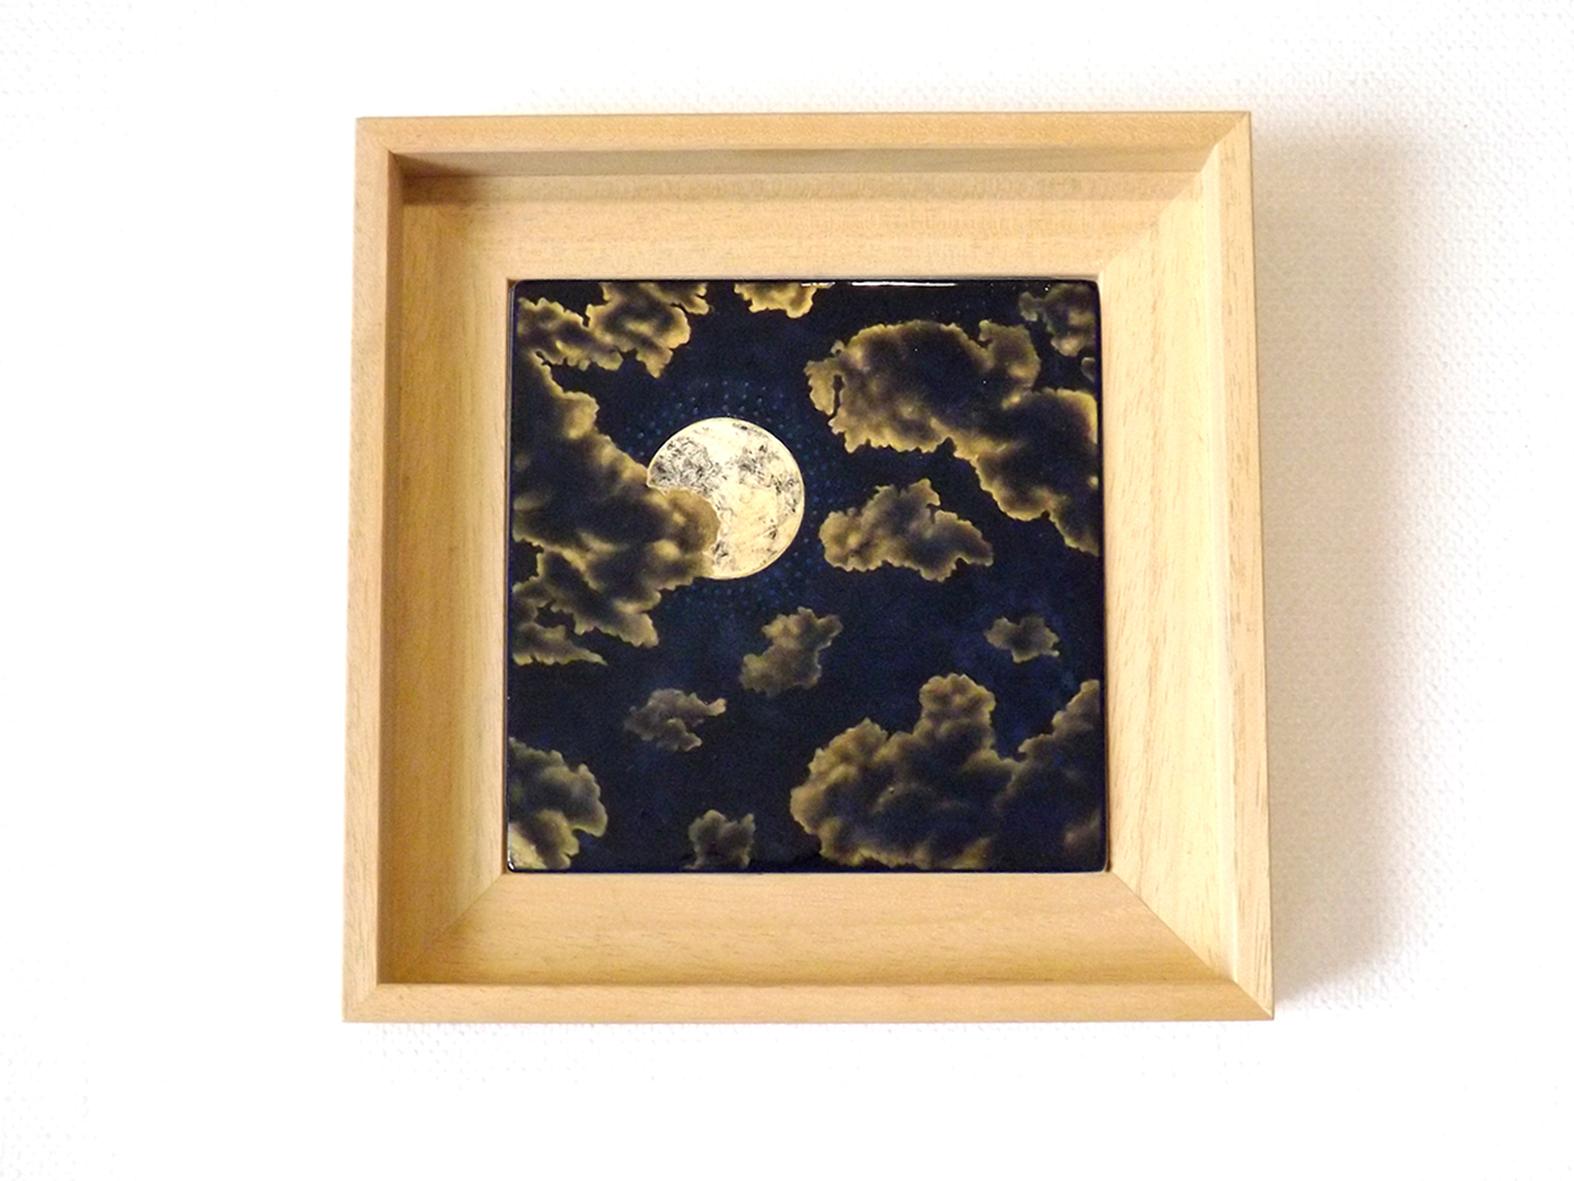 Ad Astra, 15x15 cm, 2020, laque sur bois avec pigments, bronzines et feuilles d'argent